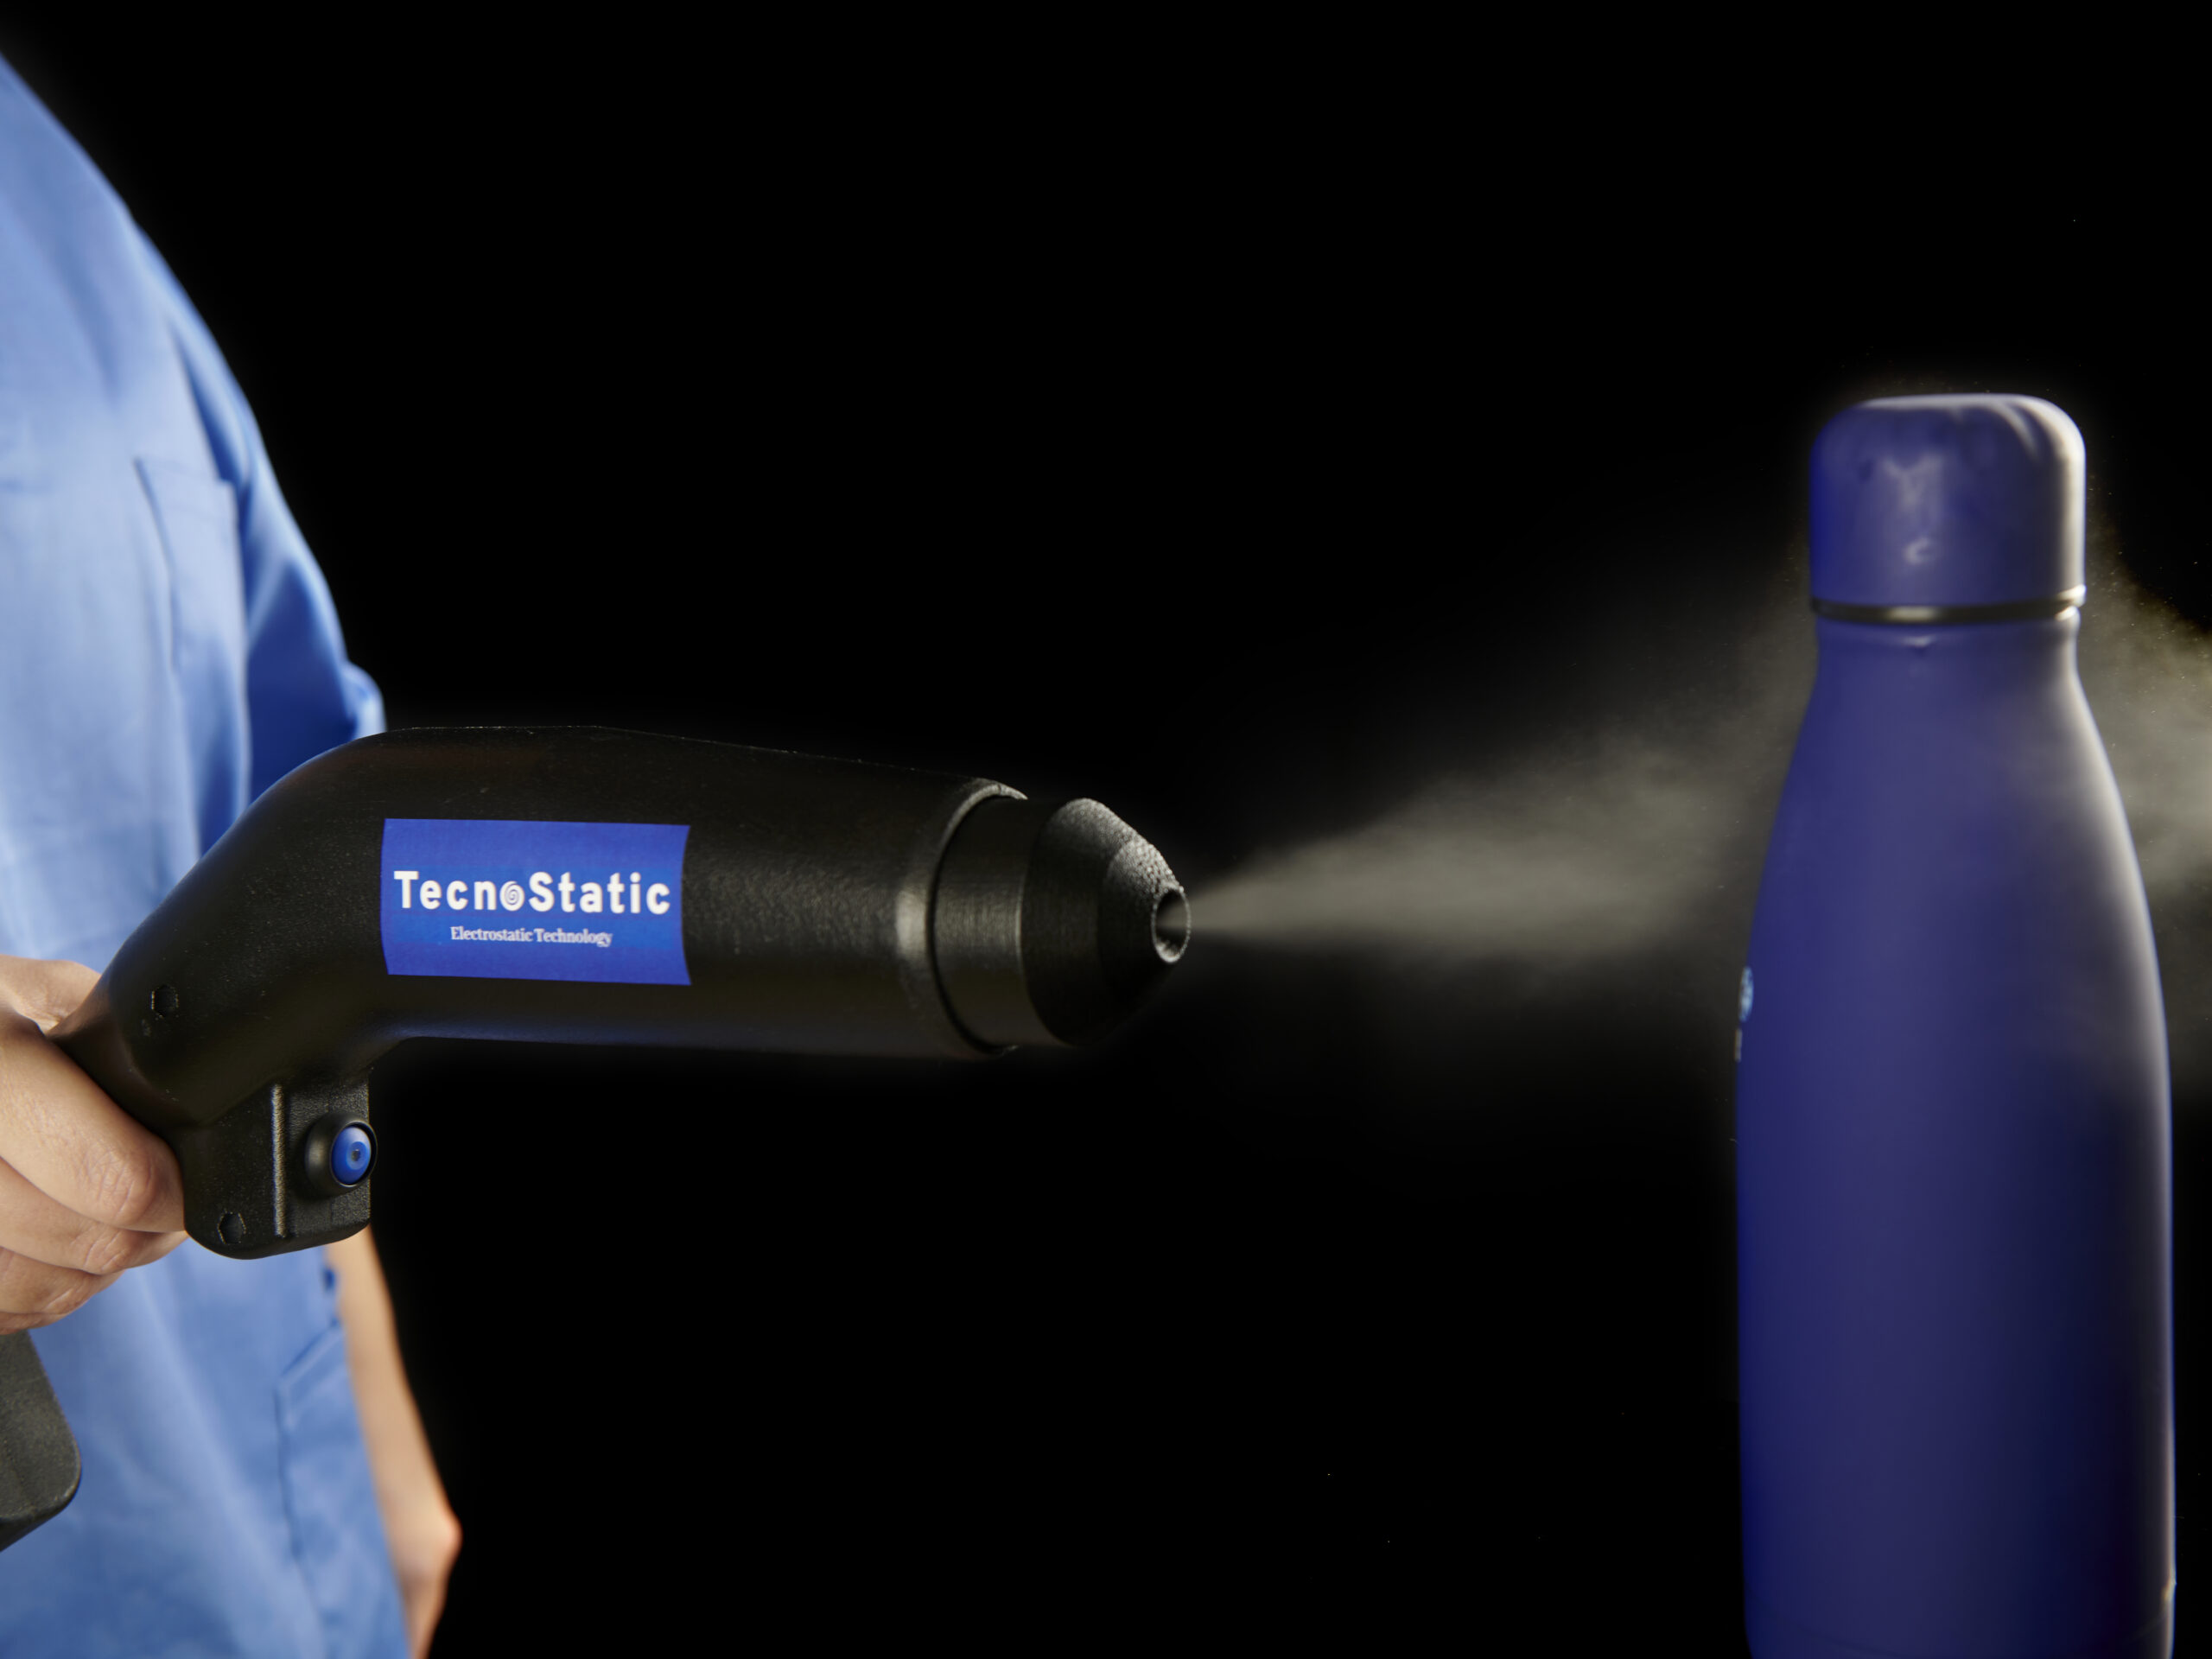 desinfeccion-electrostatica-tecnostatic-ts-400b